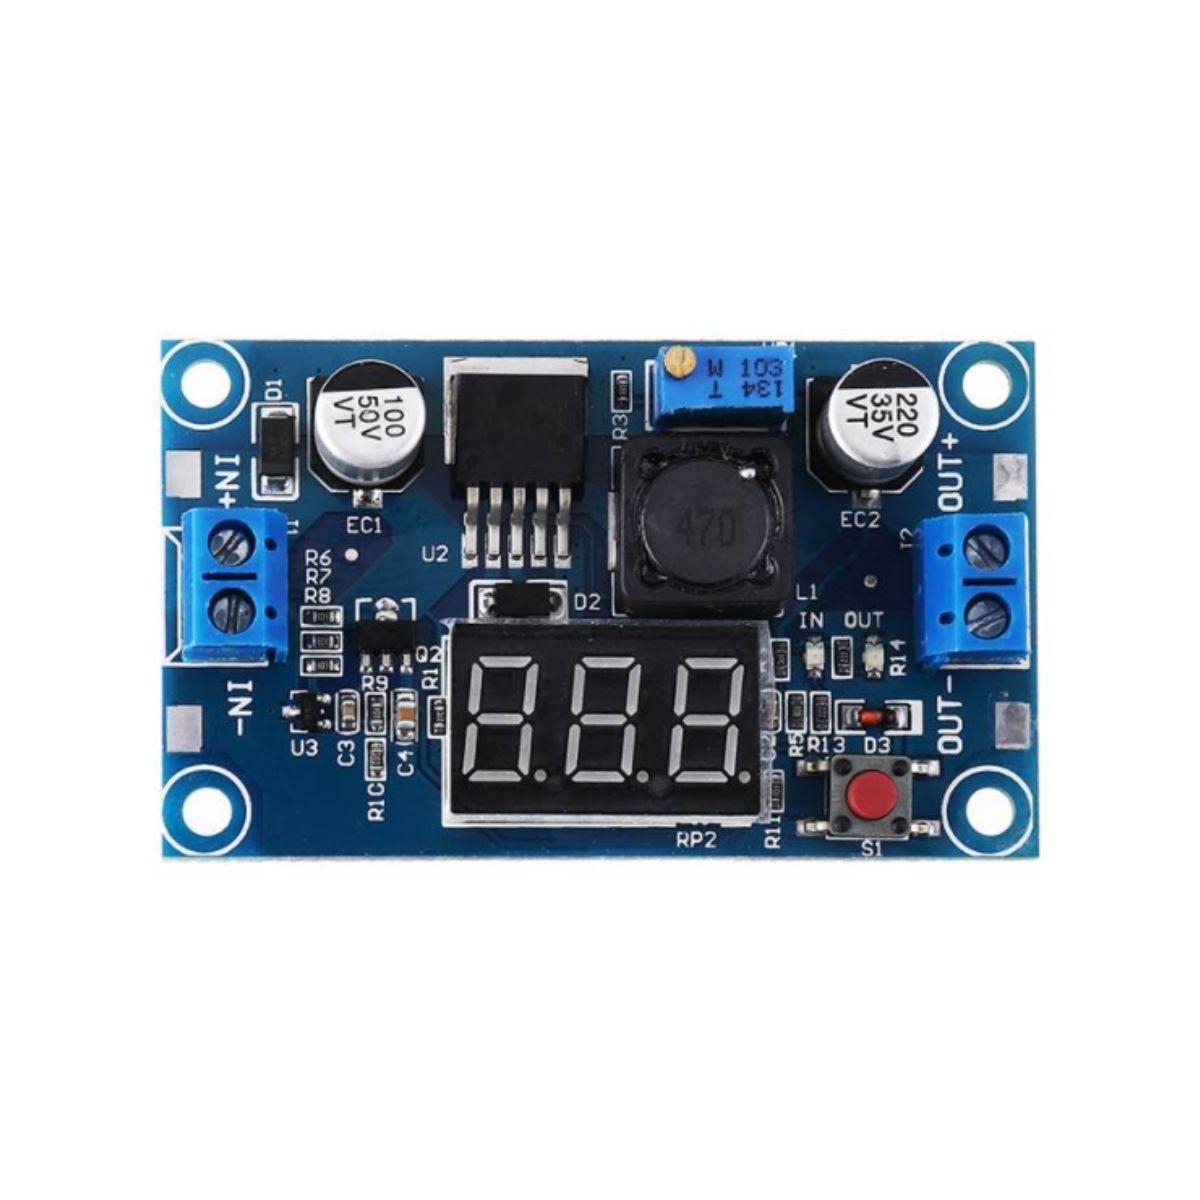 Regulador de Tensão Step Down Ajustável LM2596 DC-DC com Display